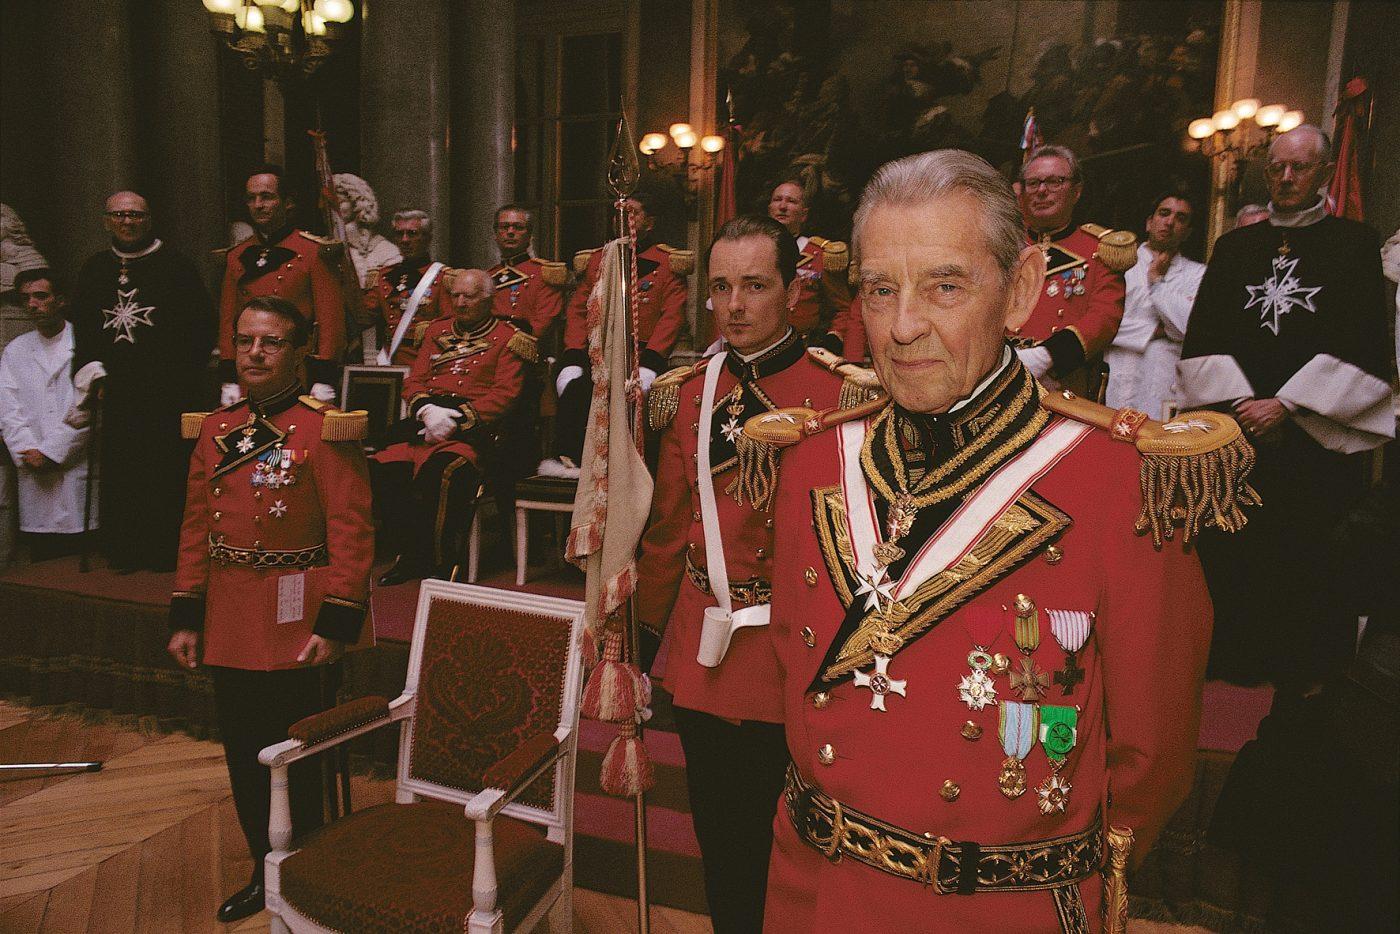 Versailles_Ceremonie de la Saint Jean au Chateau de Versailles_Salle des Croisades_reception des nouveaux membres